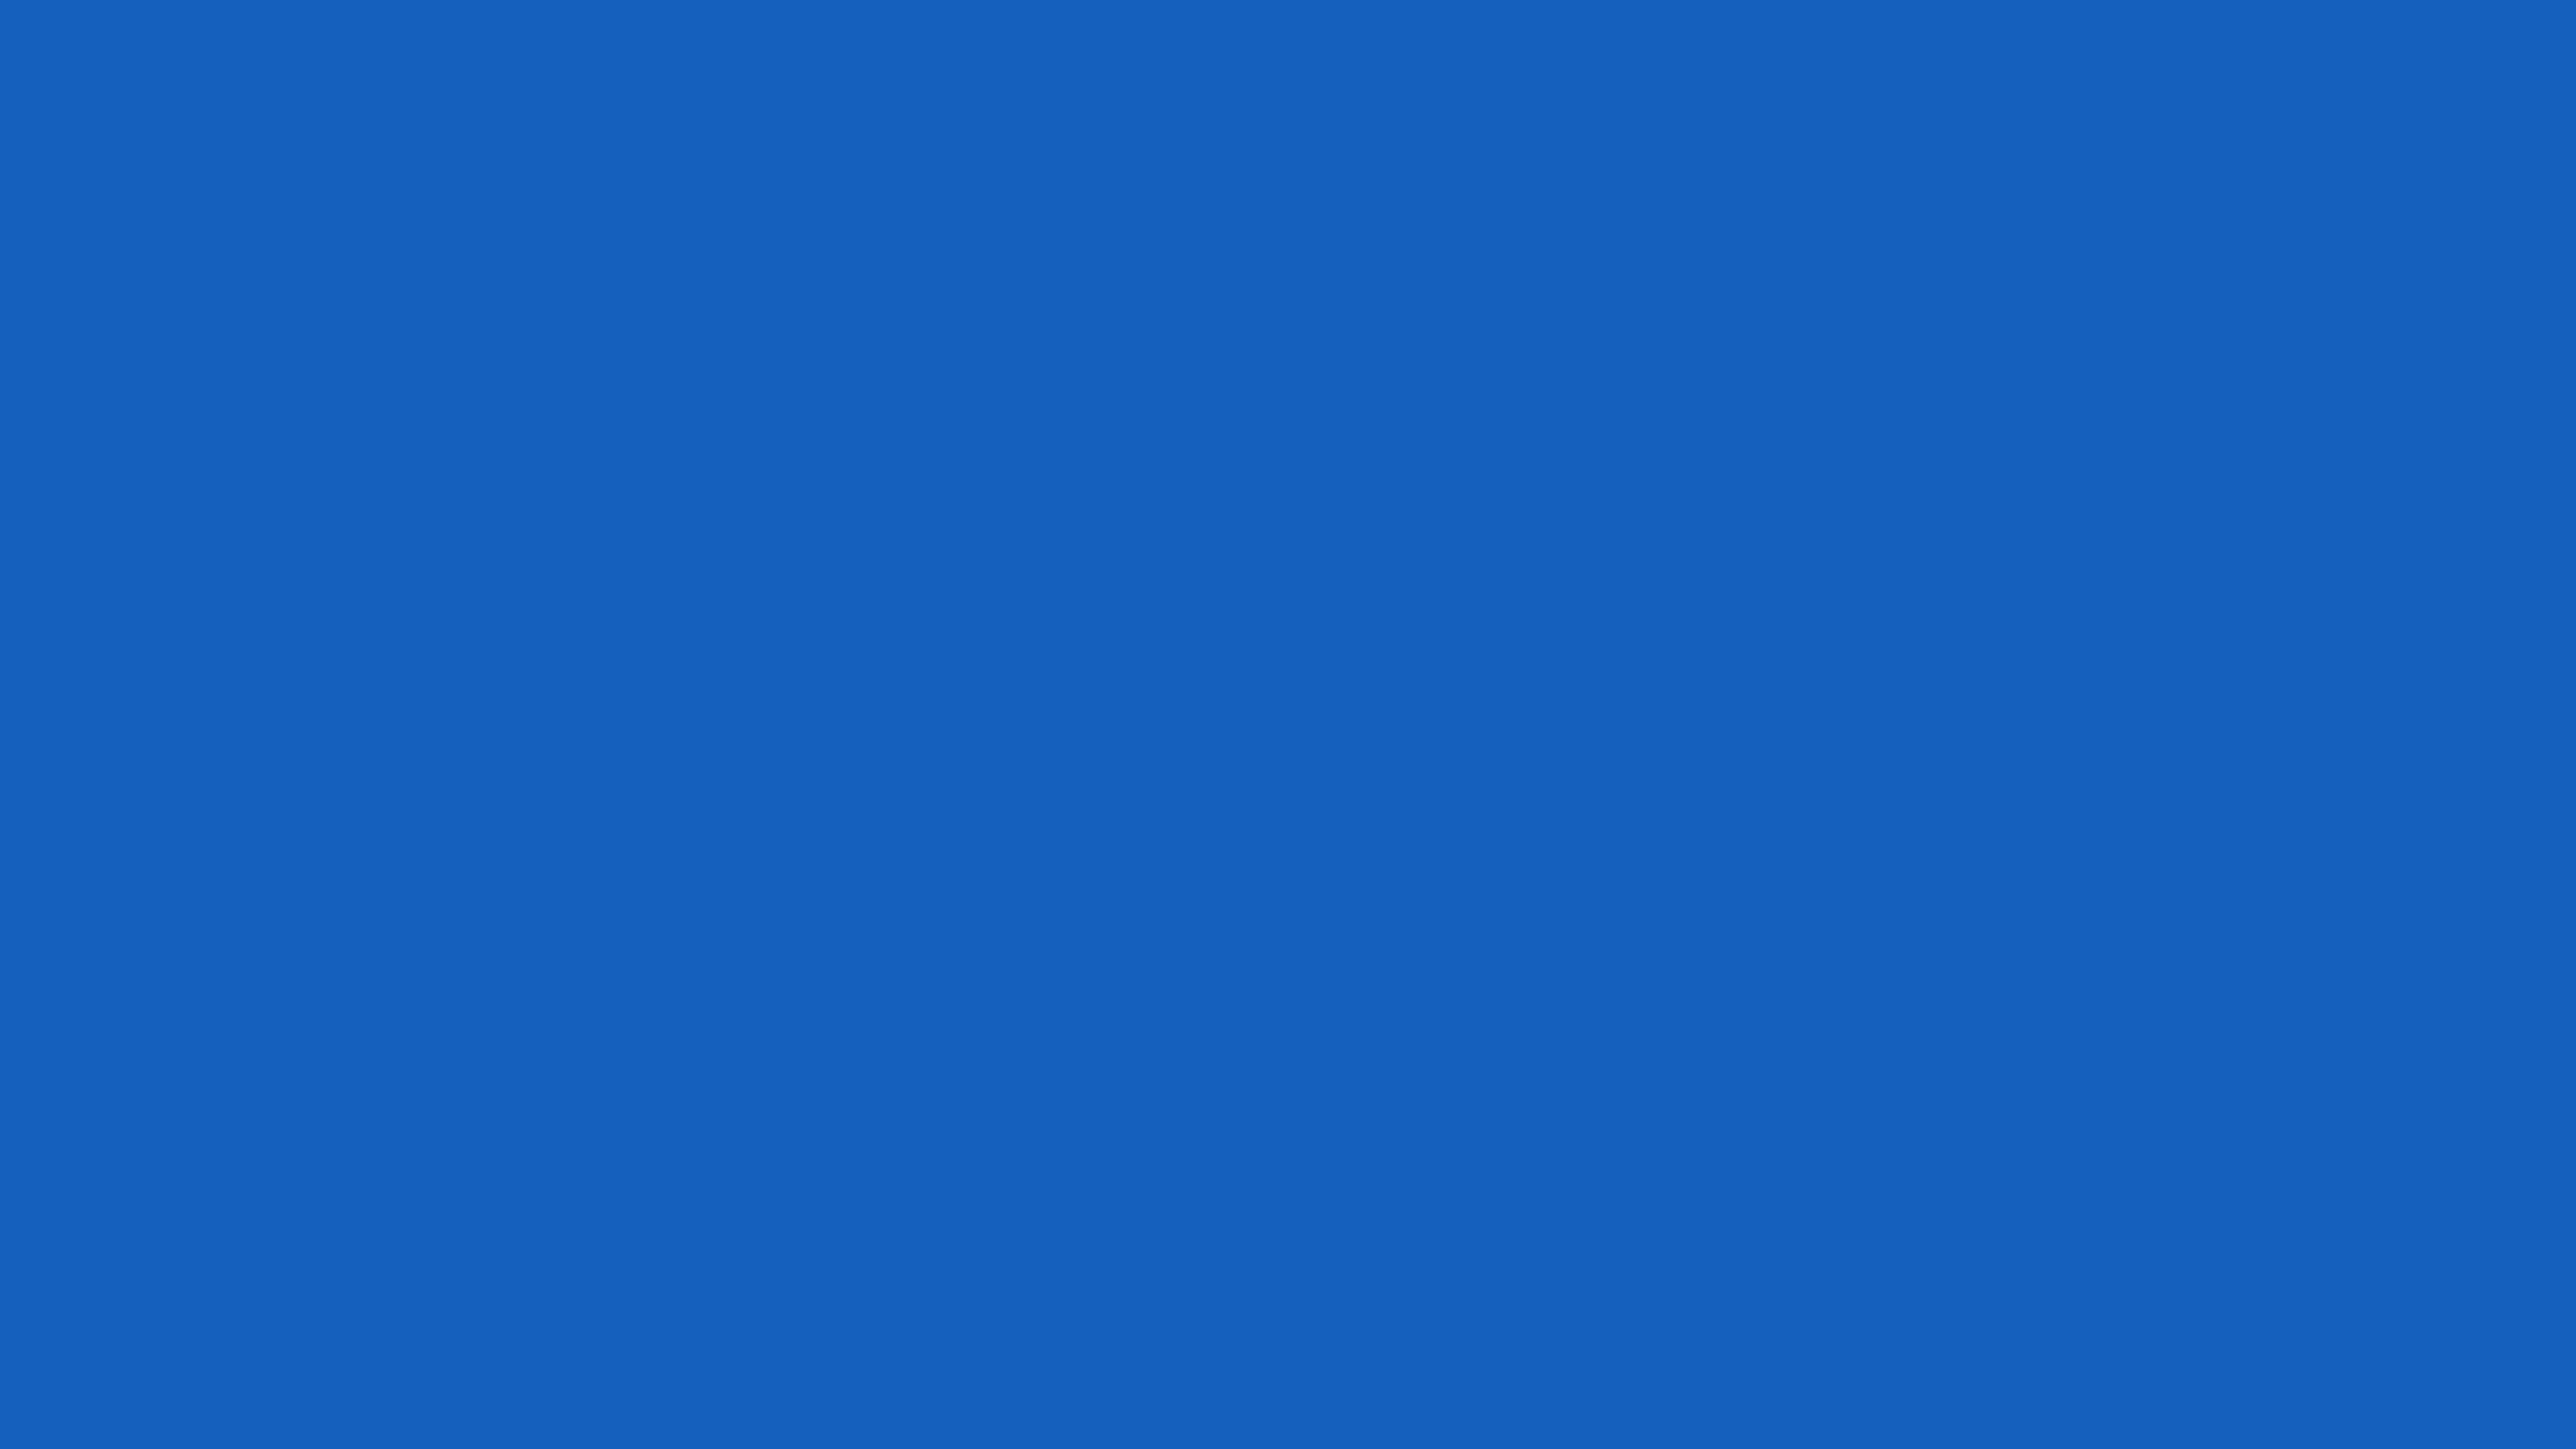 3840x2160 Denim Solid Color Background